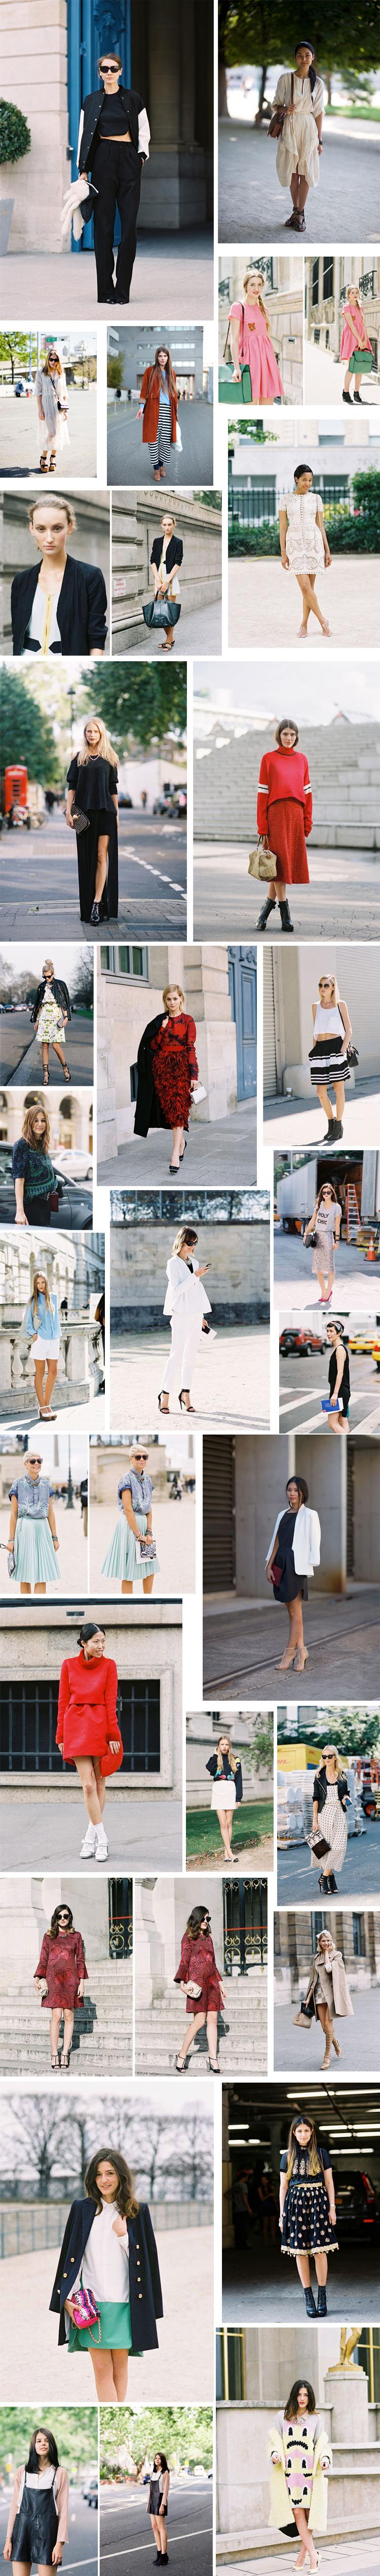 vanessa-jackman-street-style-collage